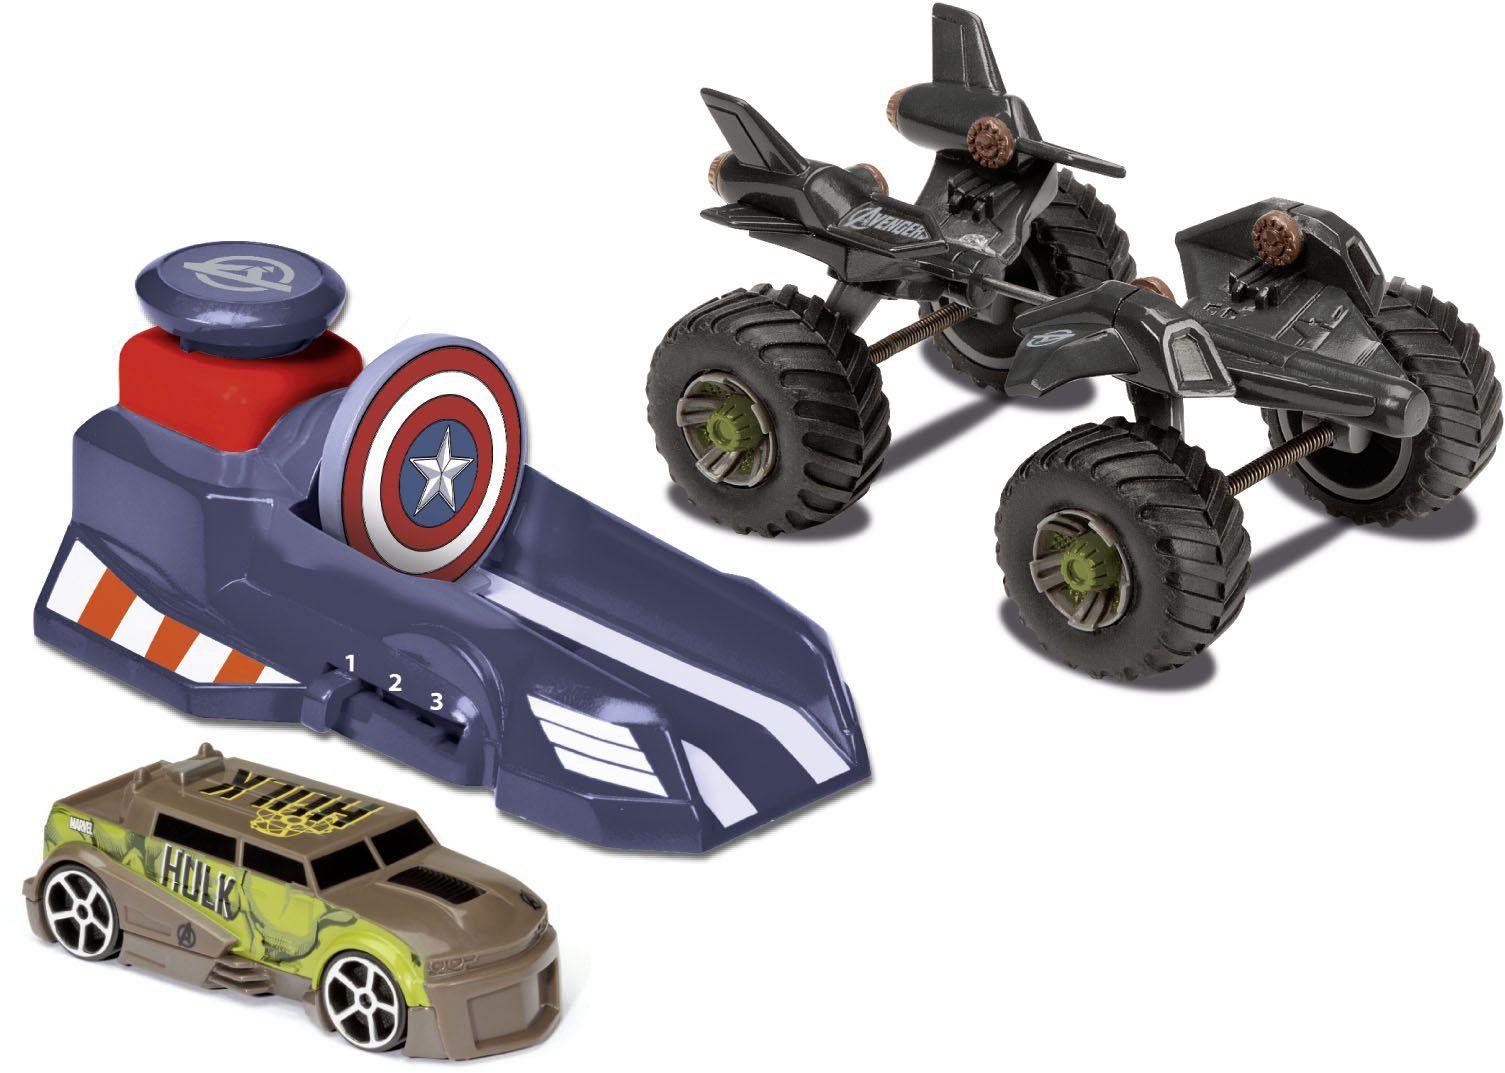 Majorette 213089775 - The Avengers Assemble Hero Set, Launcher z 3 prędkościami, Monster Truck, 2 samochody z wolnym biegiem